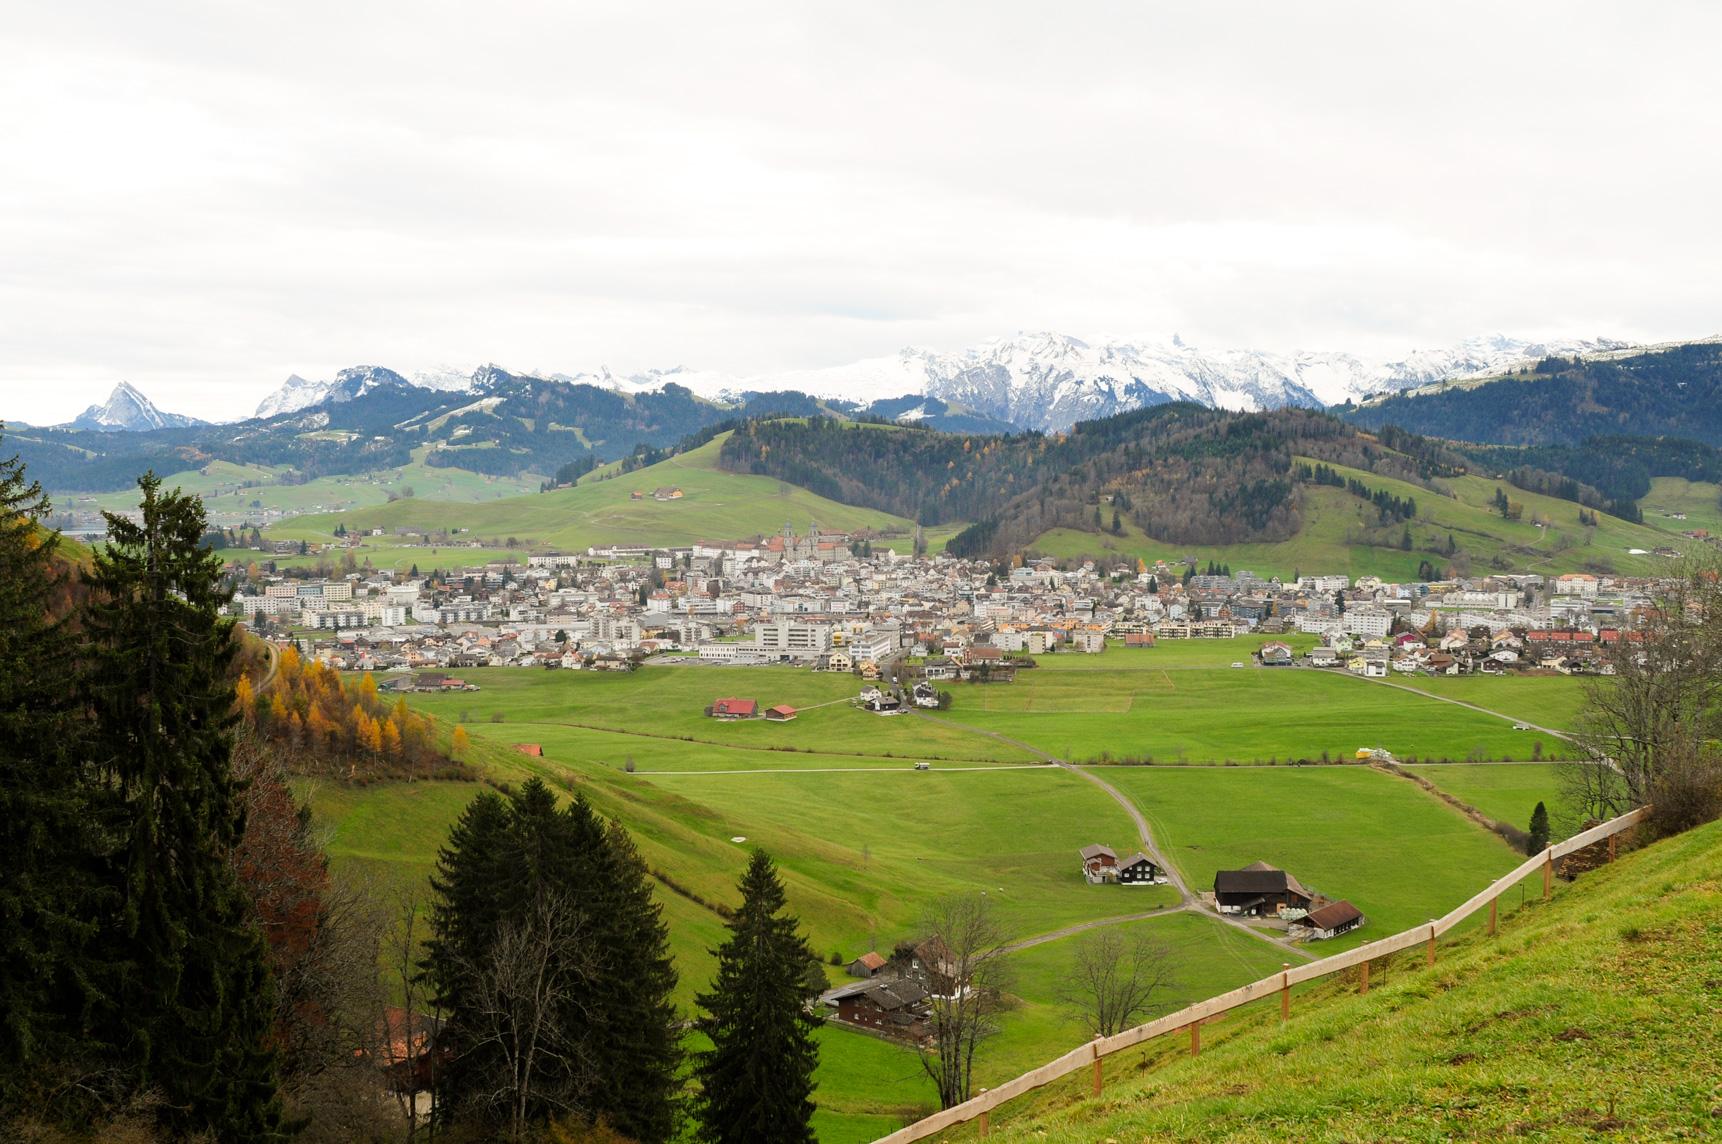 Wunderschöner Ausblick vom Katzenstrick nach Einsiedeln im Kanton Schwyz